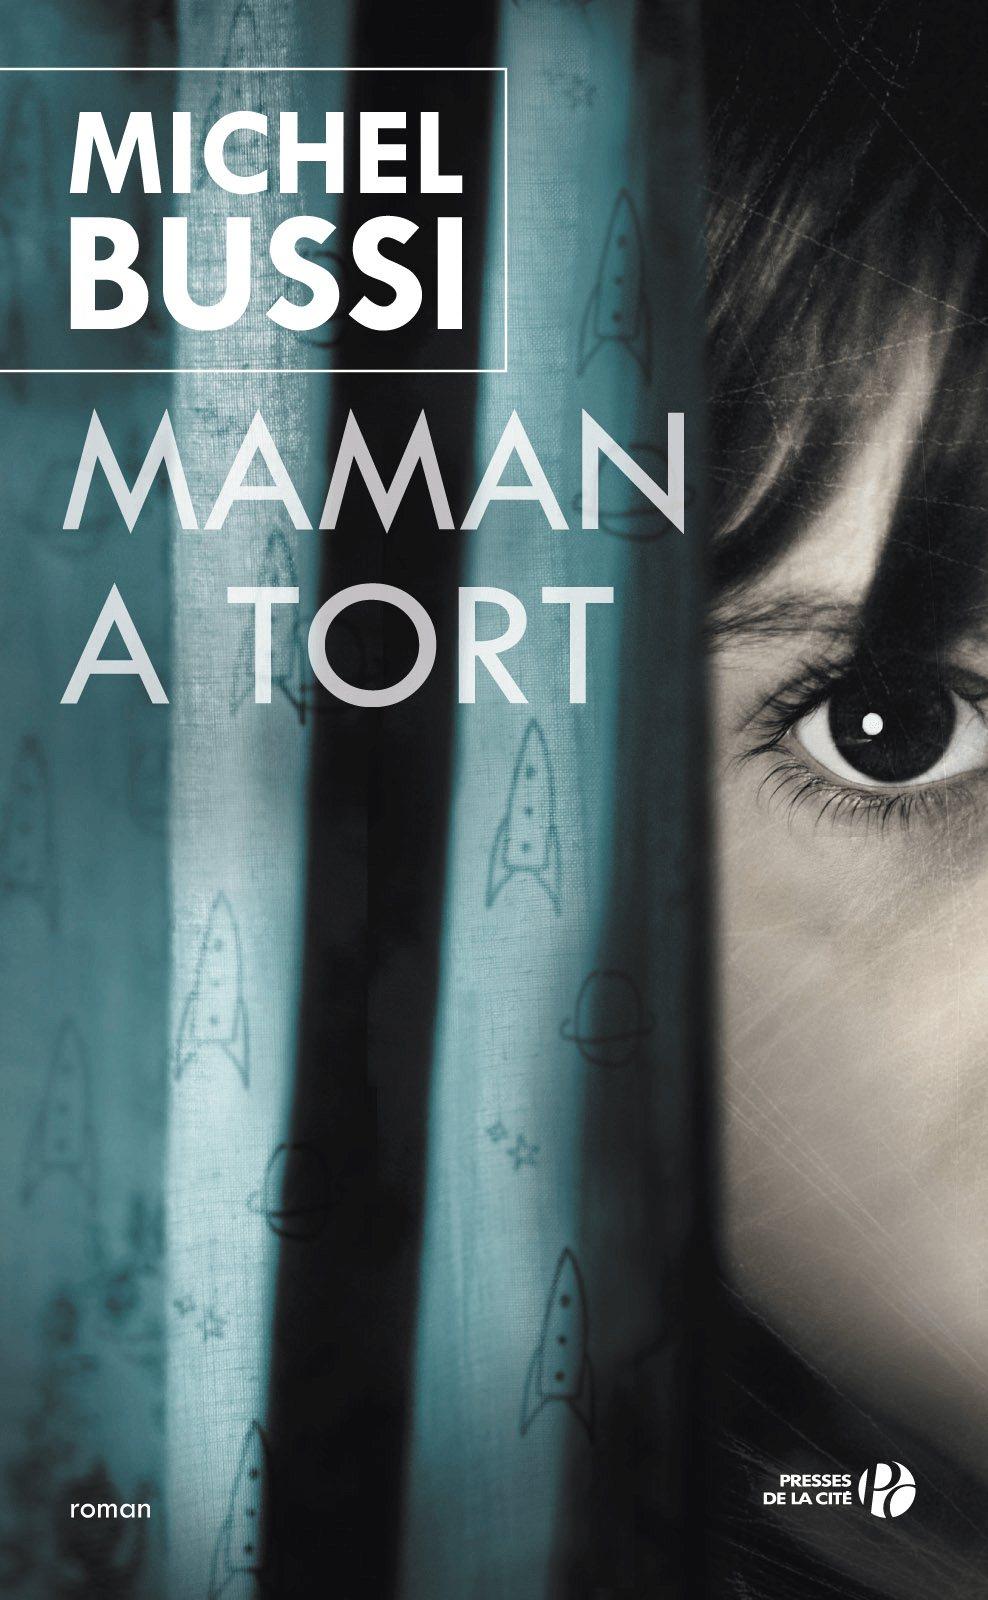 bussi_maman_a_tort